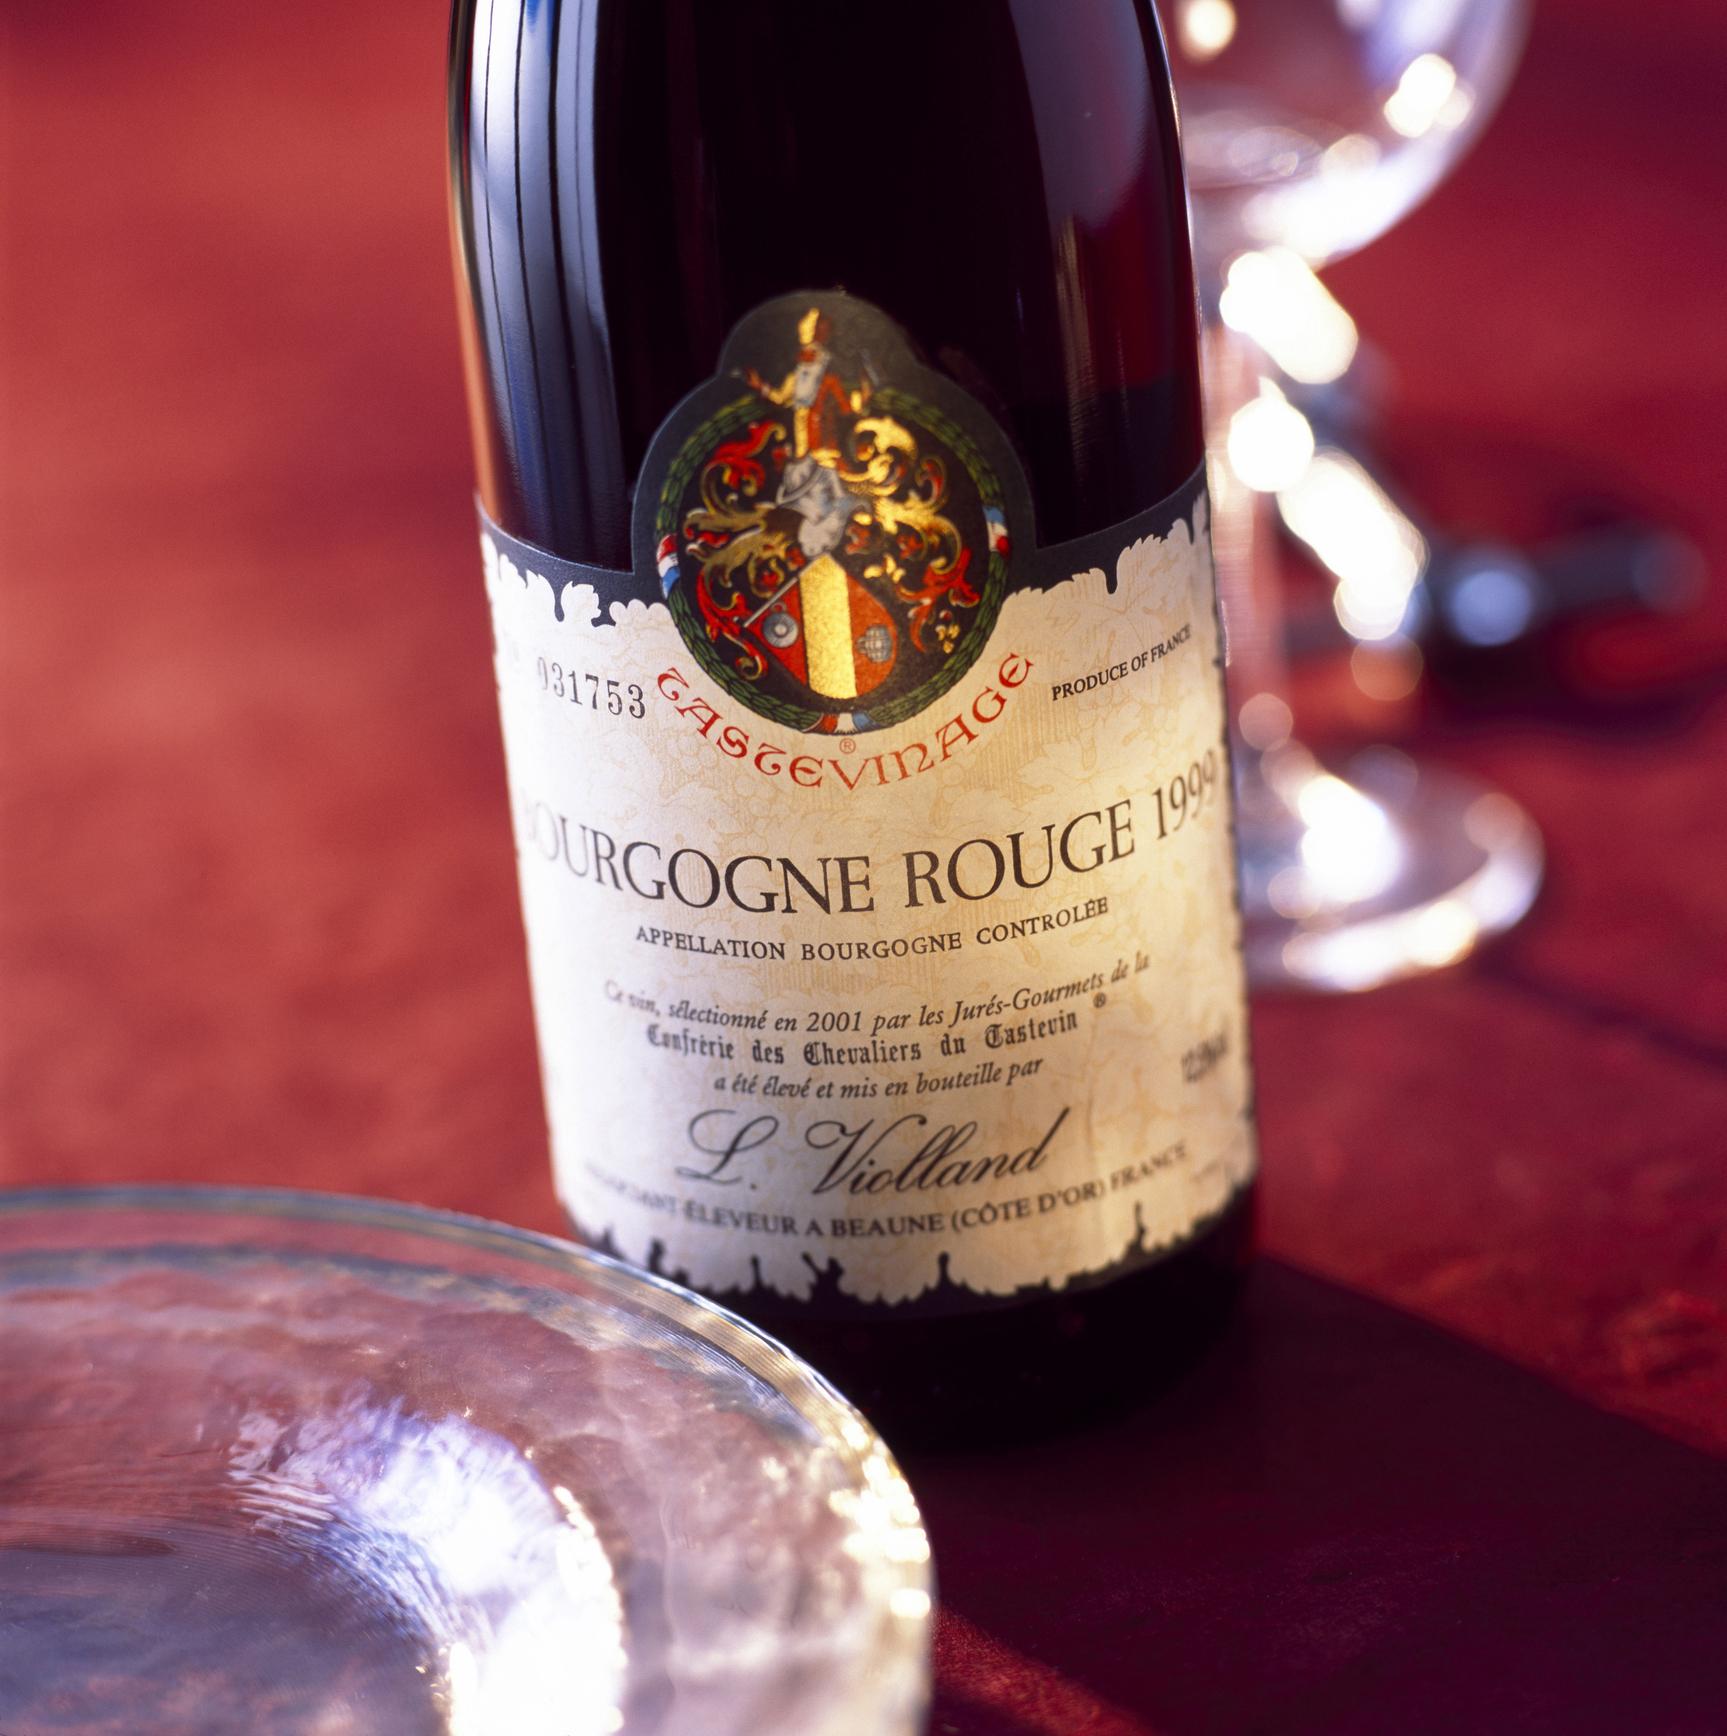 burgundy bourgogne bottle